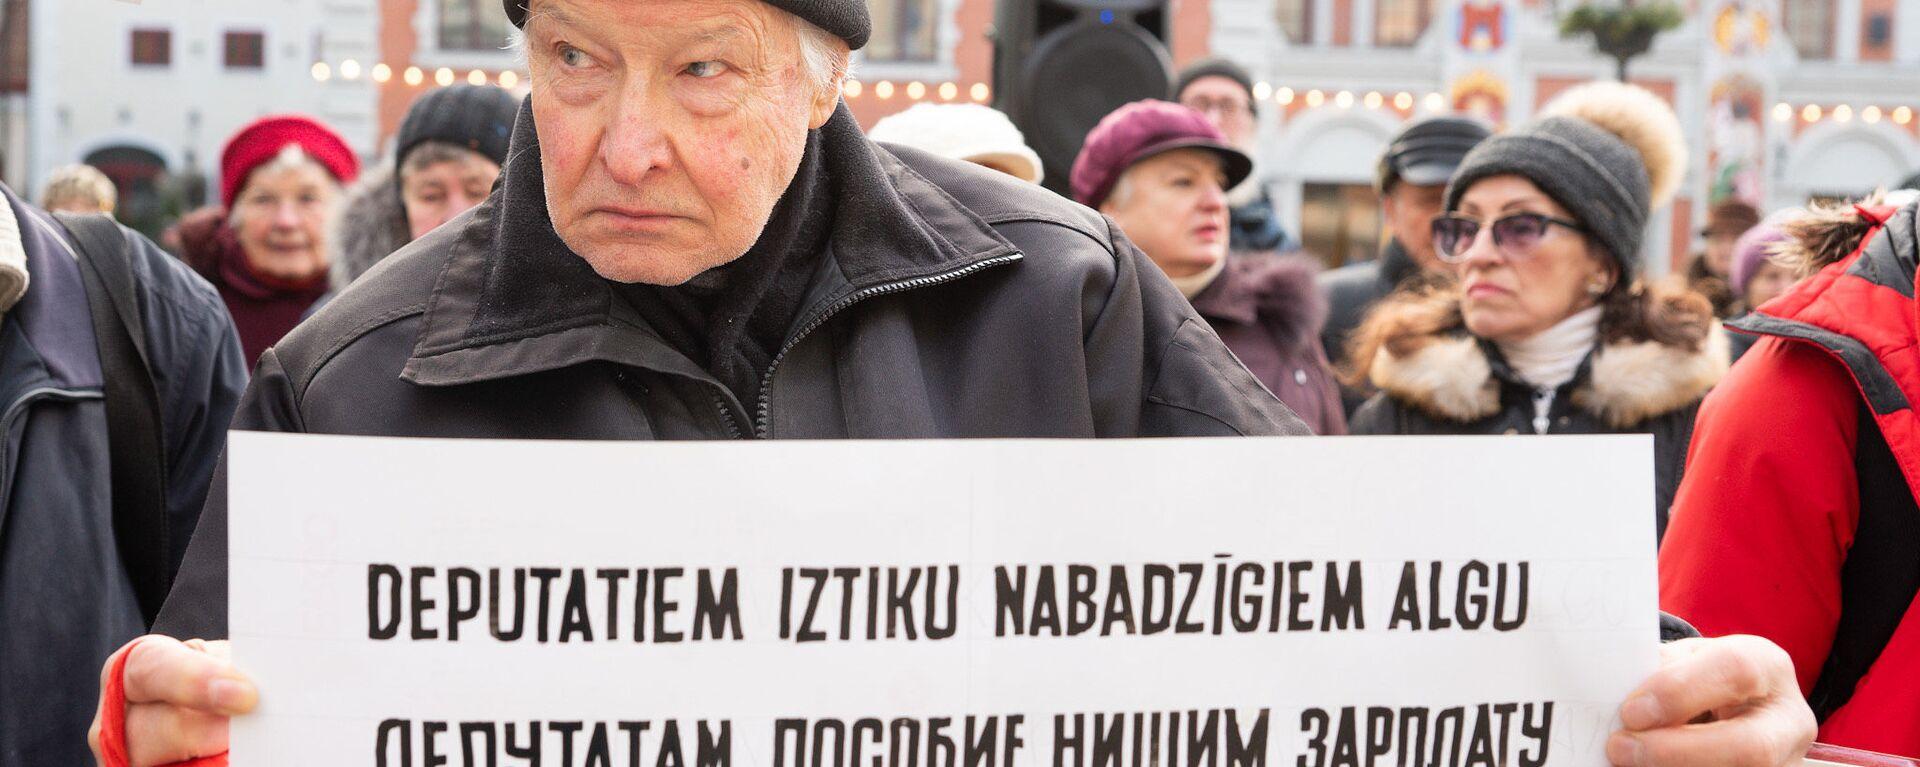 Пикет против закрытия пунктов бесплатной раздачи горячего питания - Sputnik Латвия, 1920, 06.02.2020